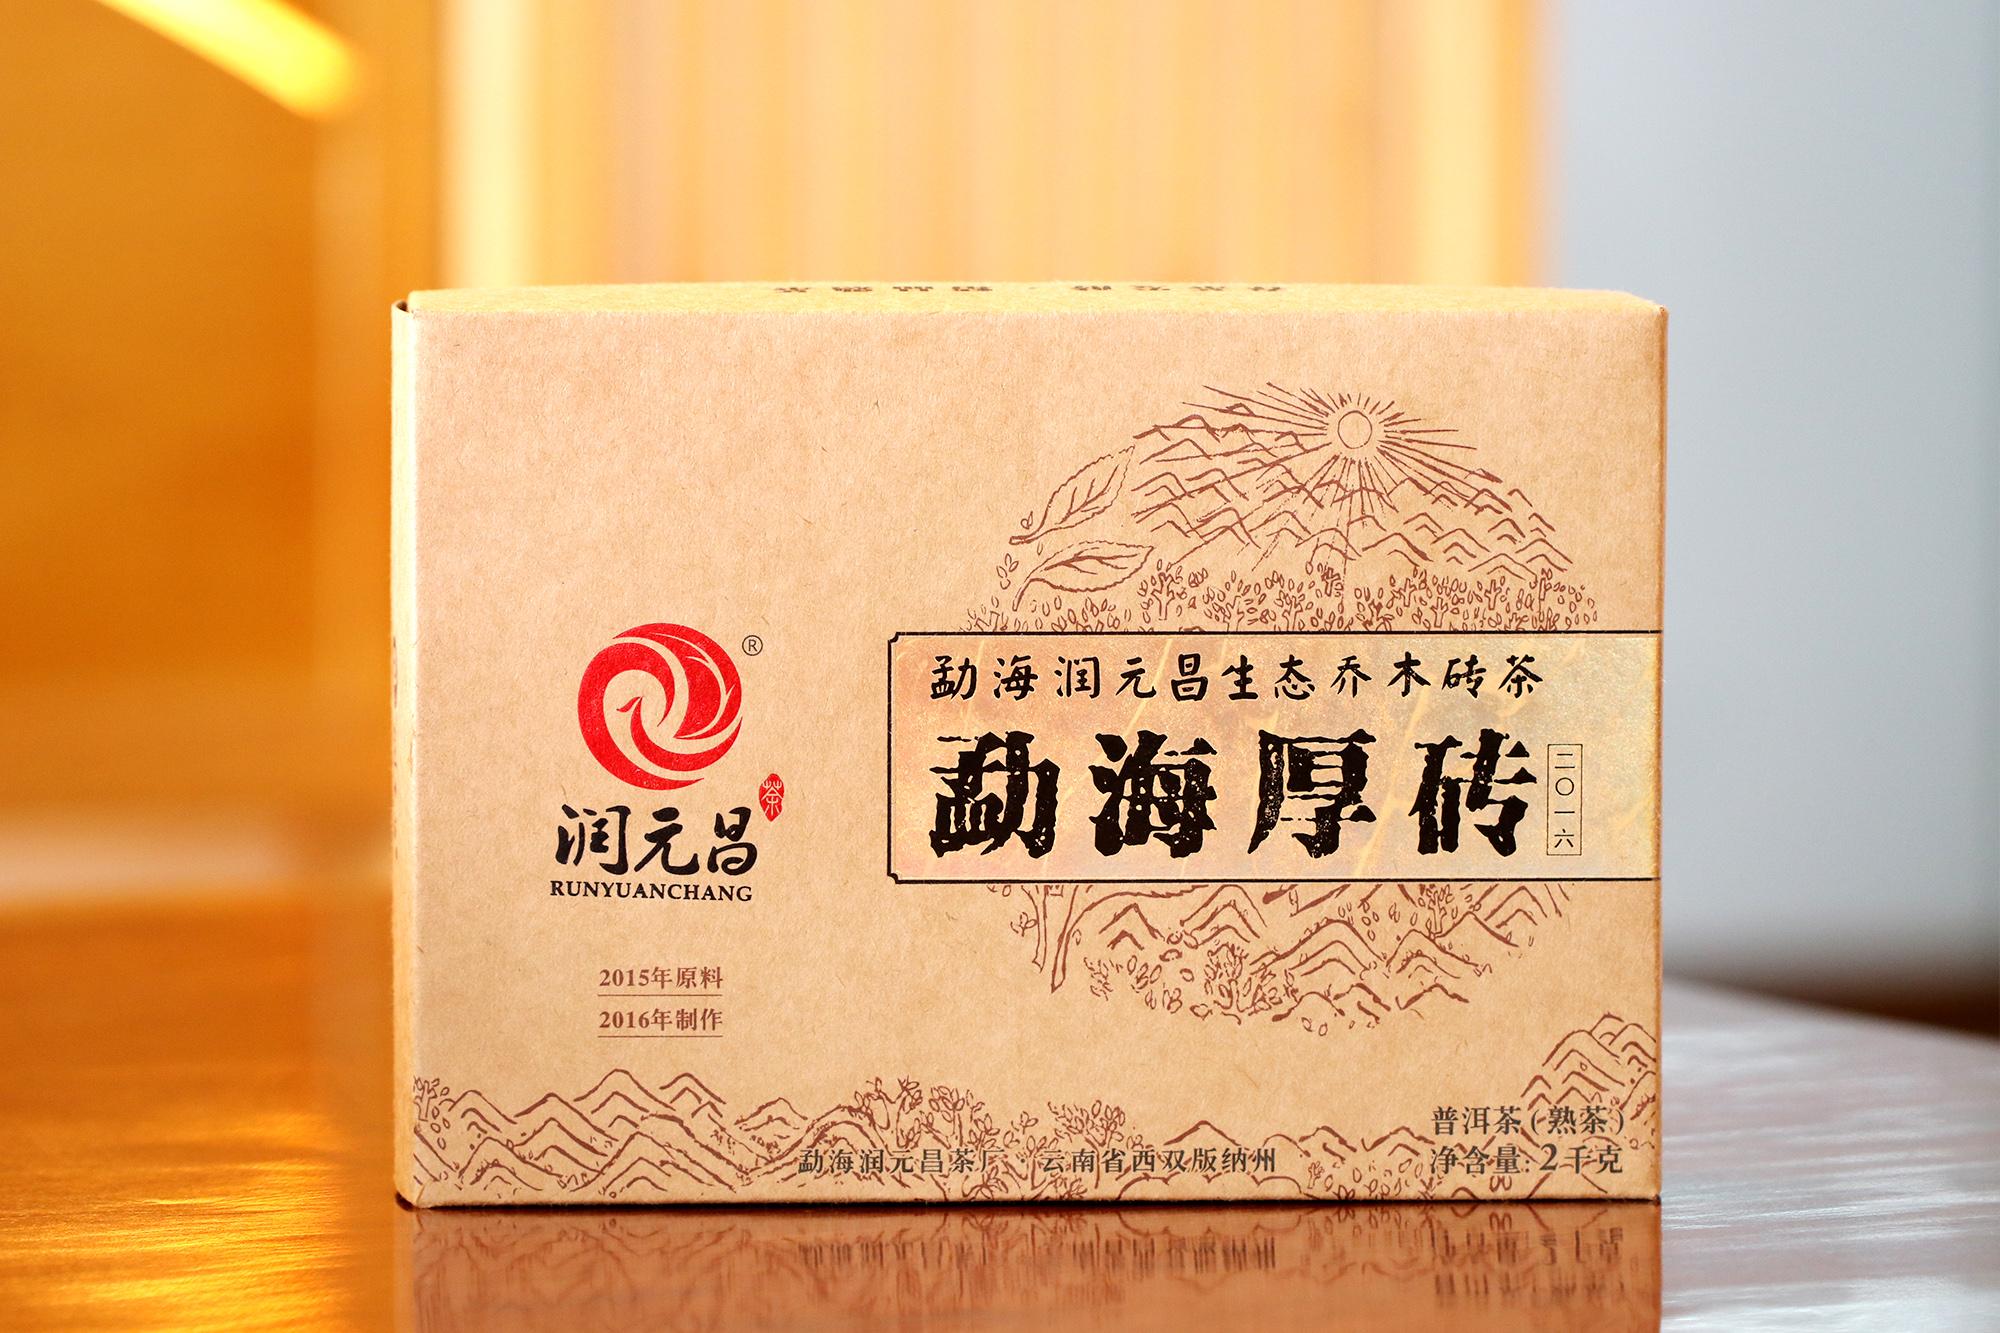 润元昌2016年勐海厚砖普洱熟茶